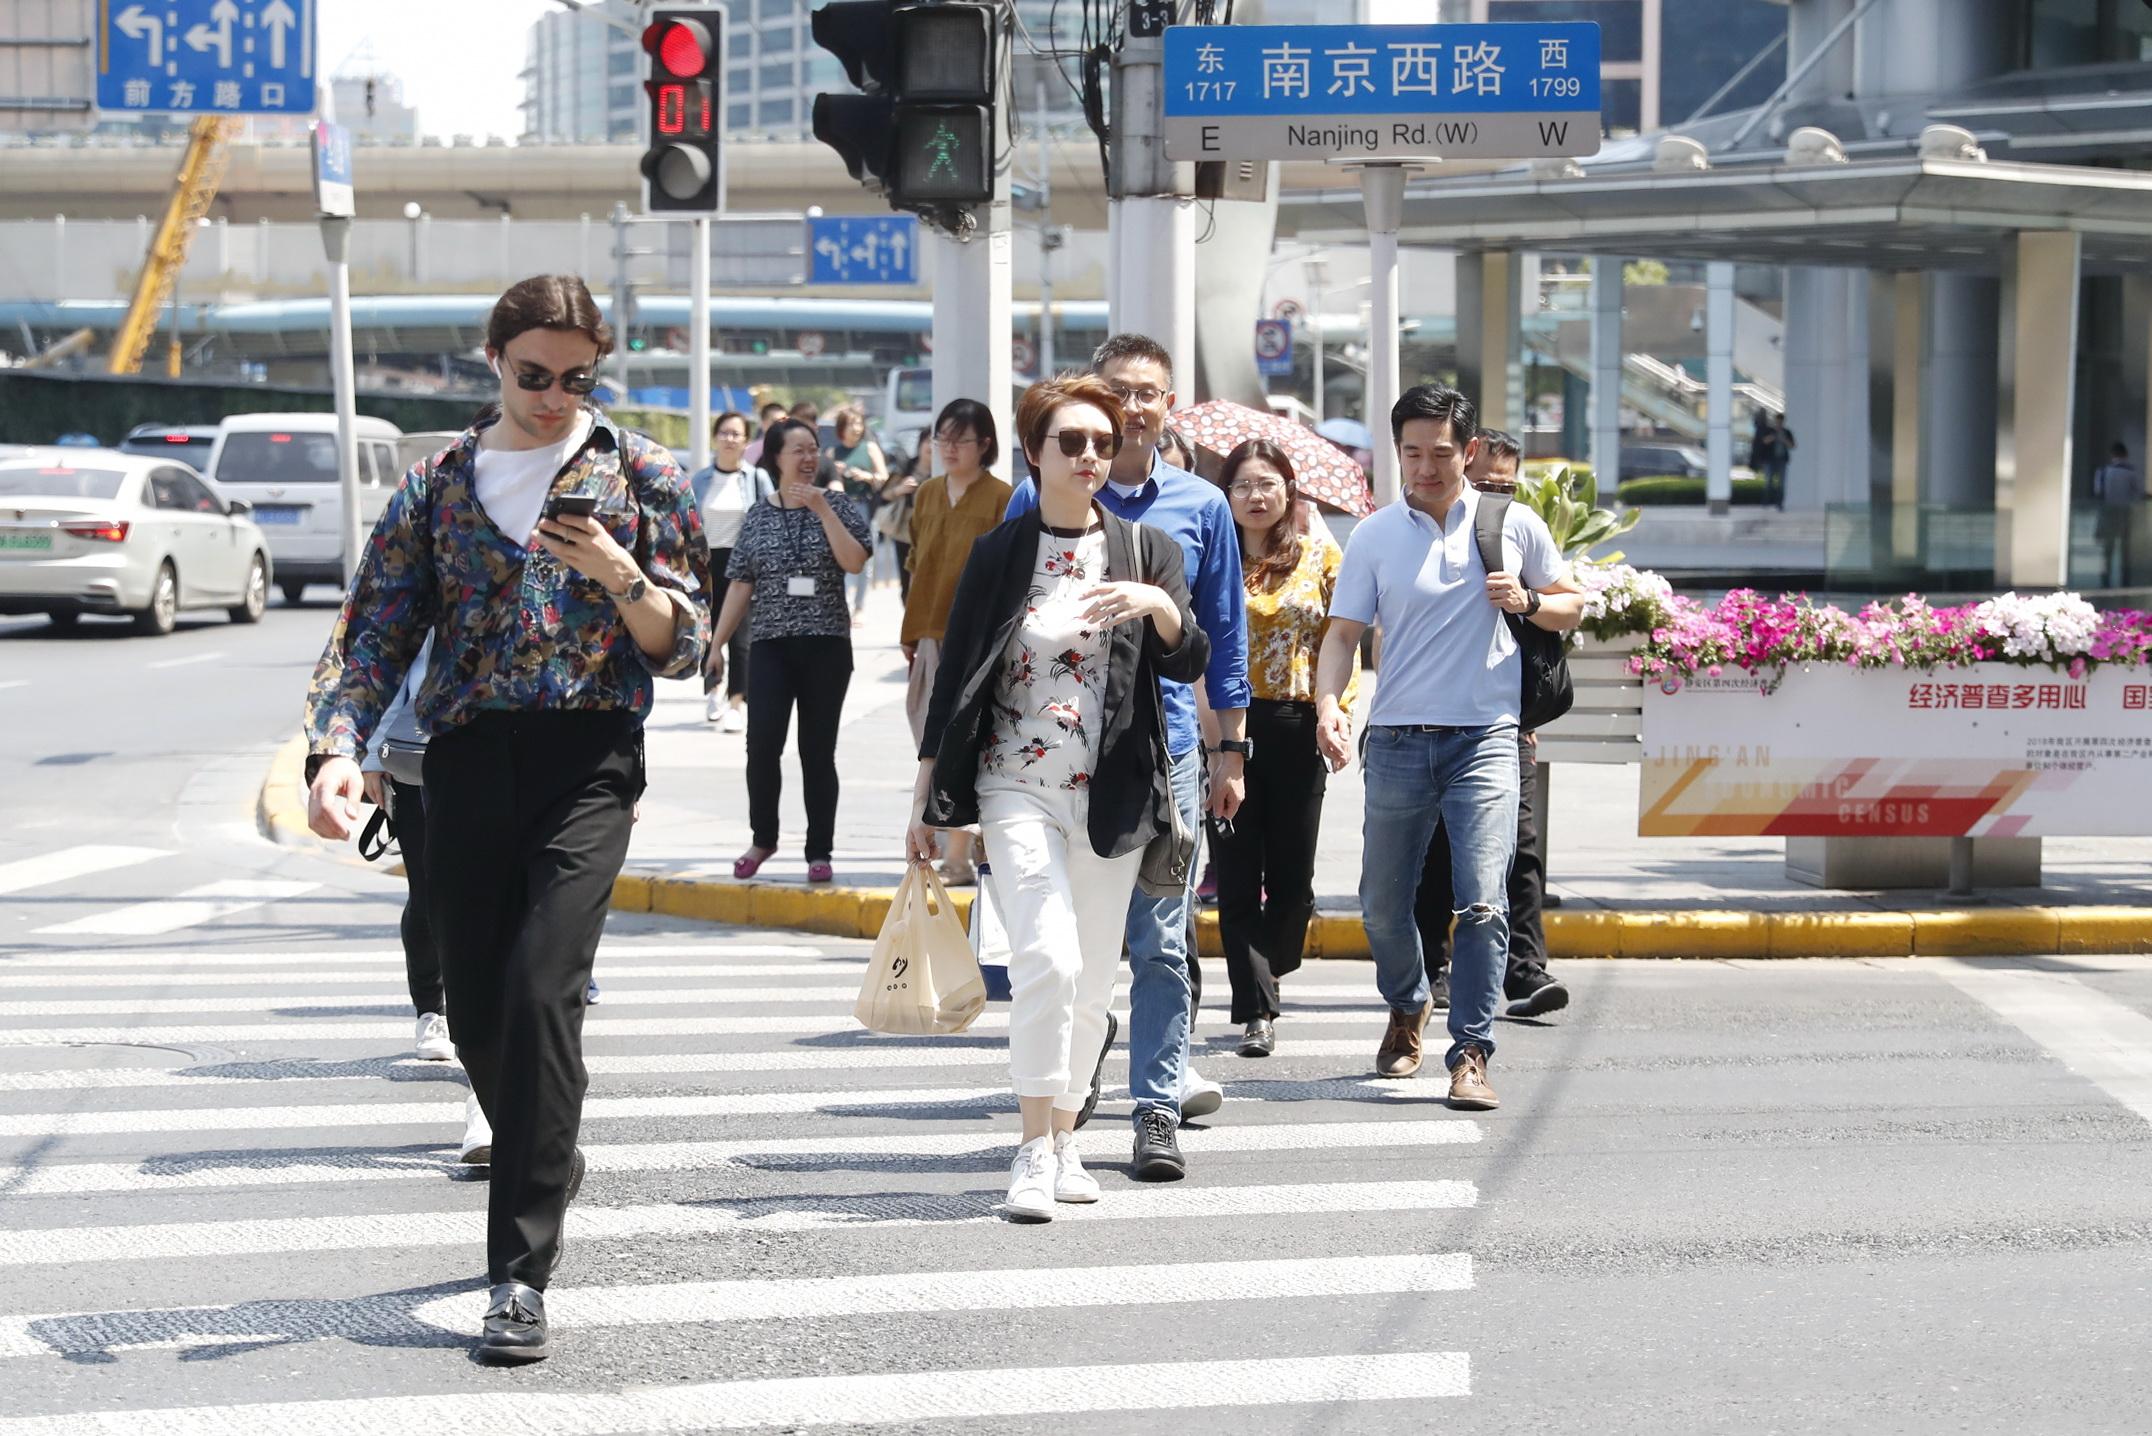 这就到夏天了?申城已开启晴热模式,今日最高温已达31.3℃